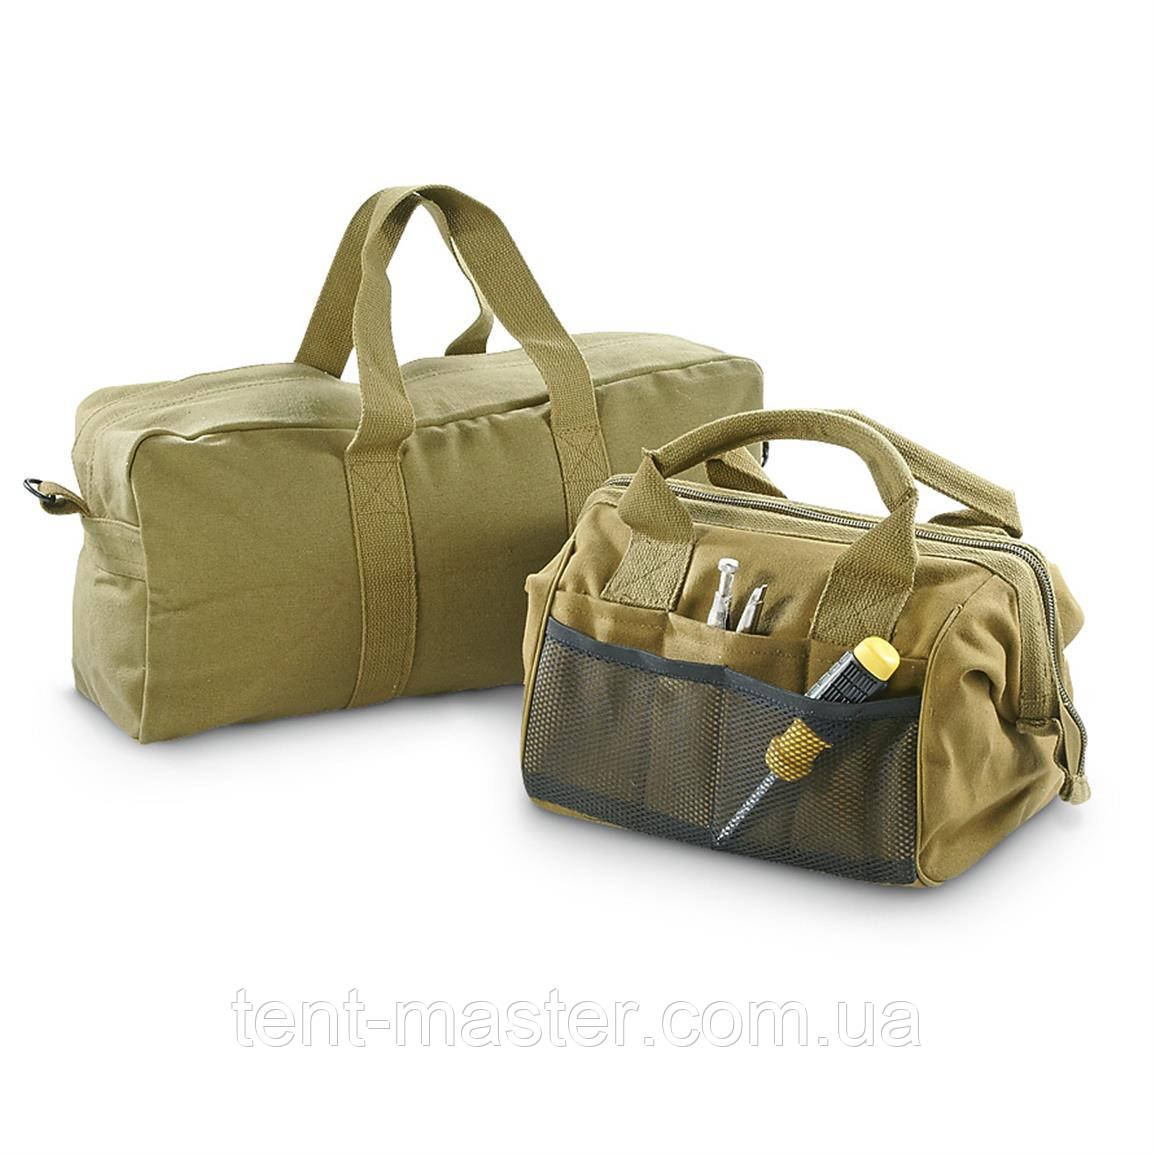 Пошив сумок для инструмента